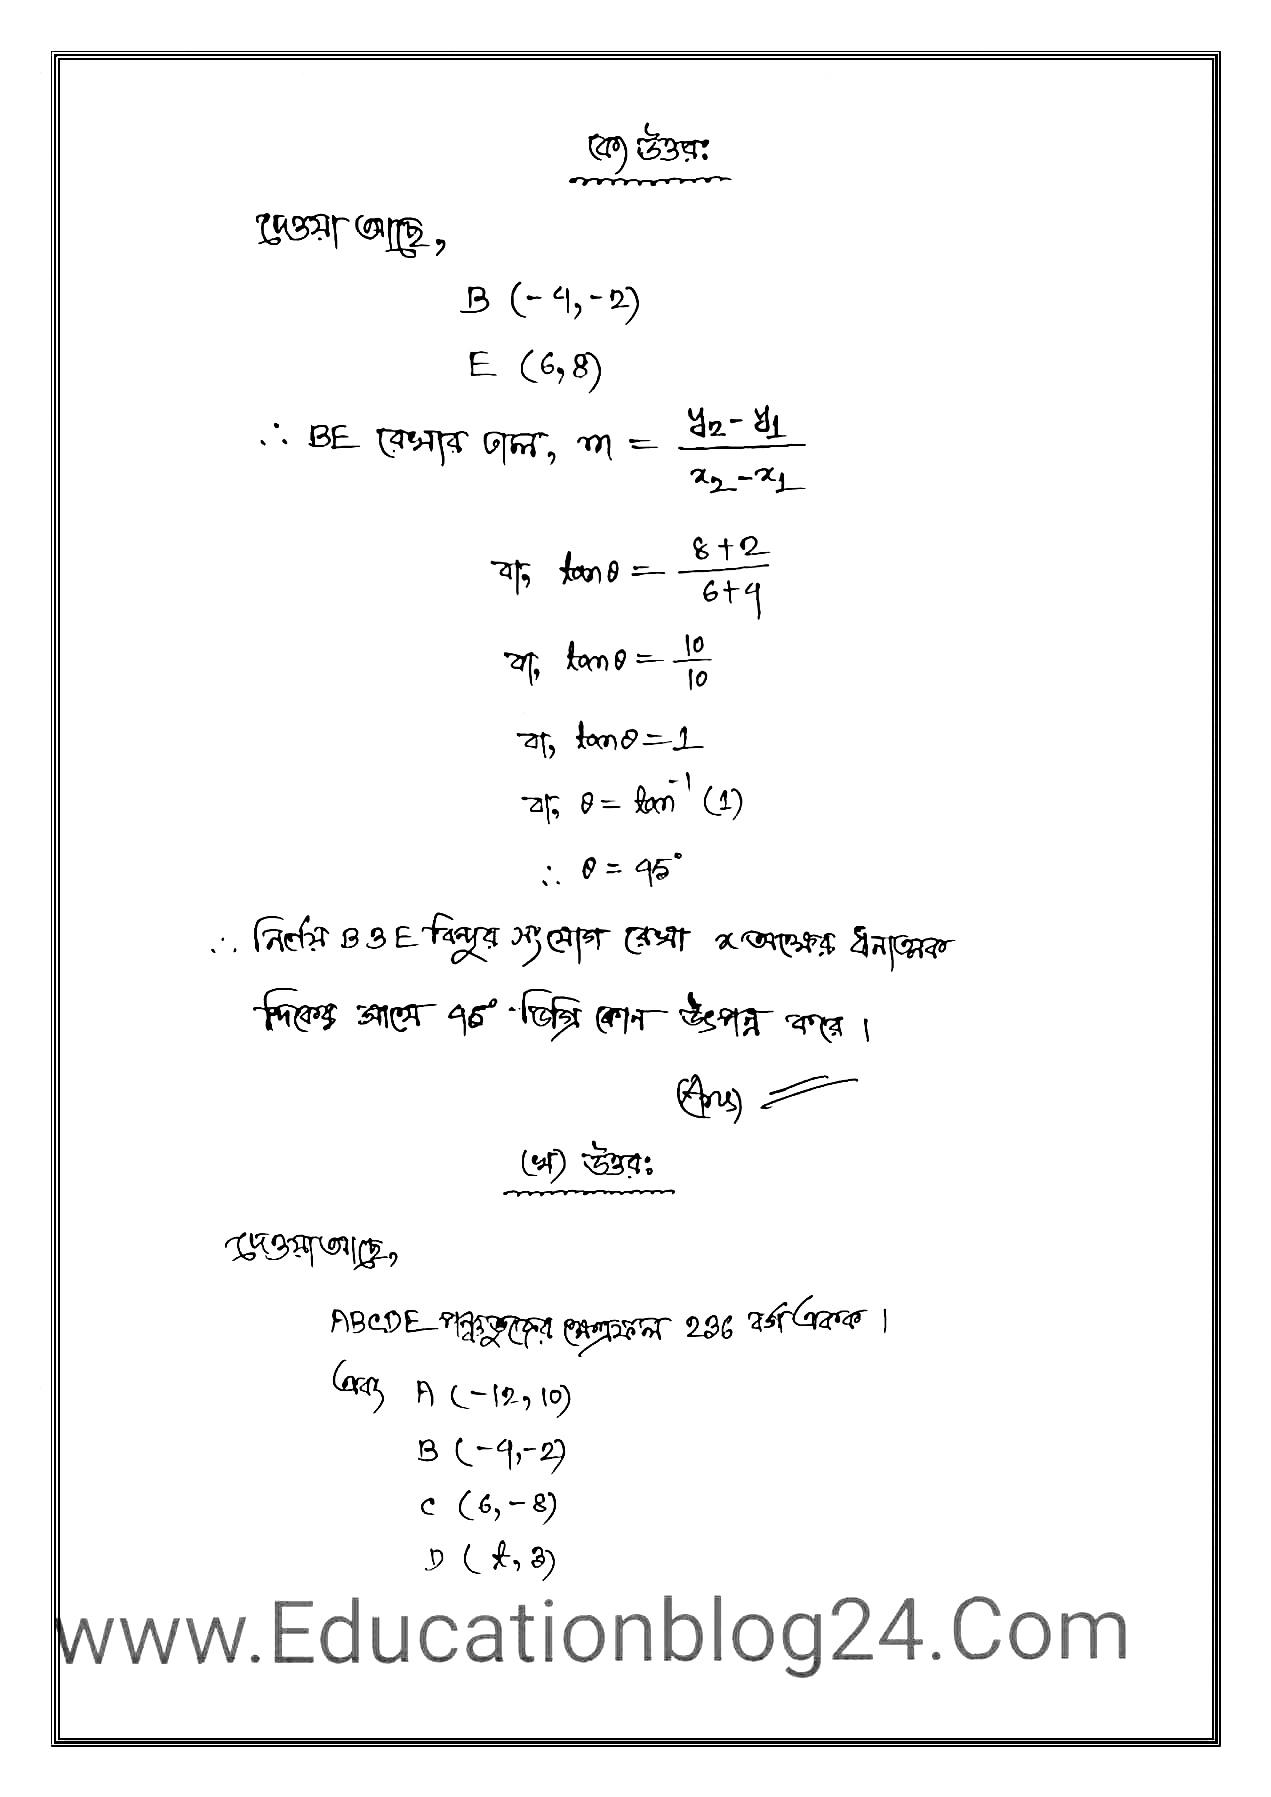 দাখিল এসাইনমেন্ট ২০২১ উত্তর/সমাধান উচ্চতর গণিত (২য় সপ্তাহ) | দাখিল উচ্চতর গণিত এসাইনমেন্ট সমাধান/উত্তর ২০২১ (২য় সপ্তাহ)